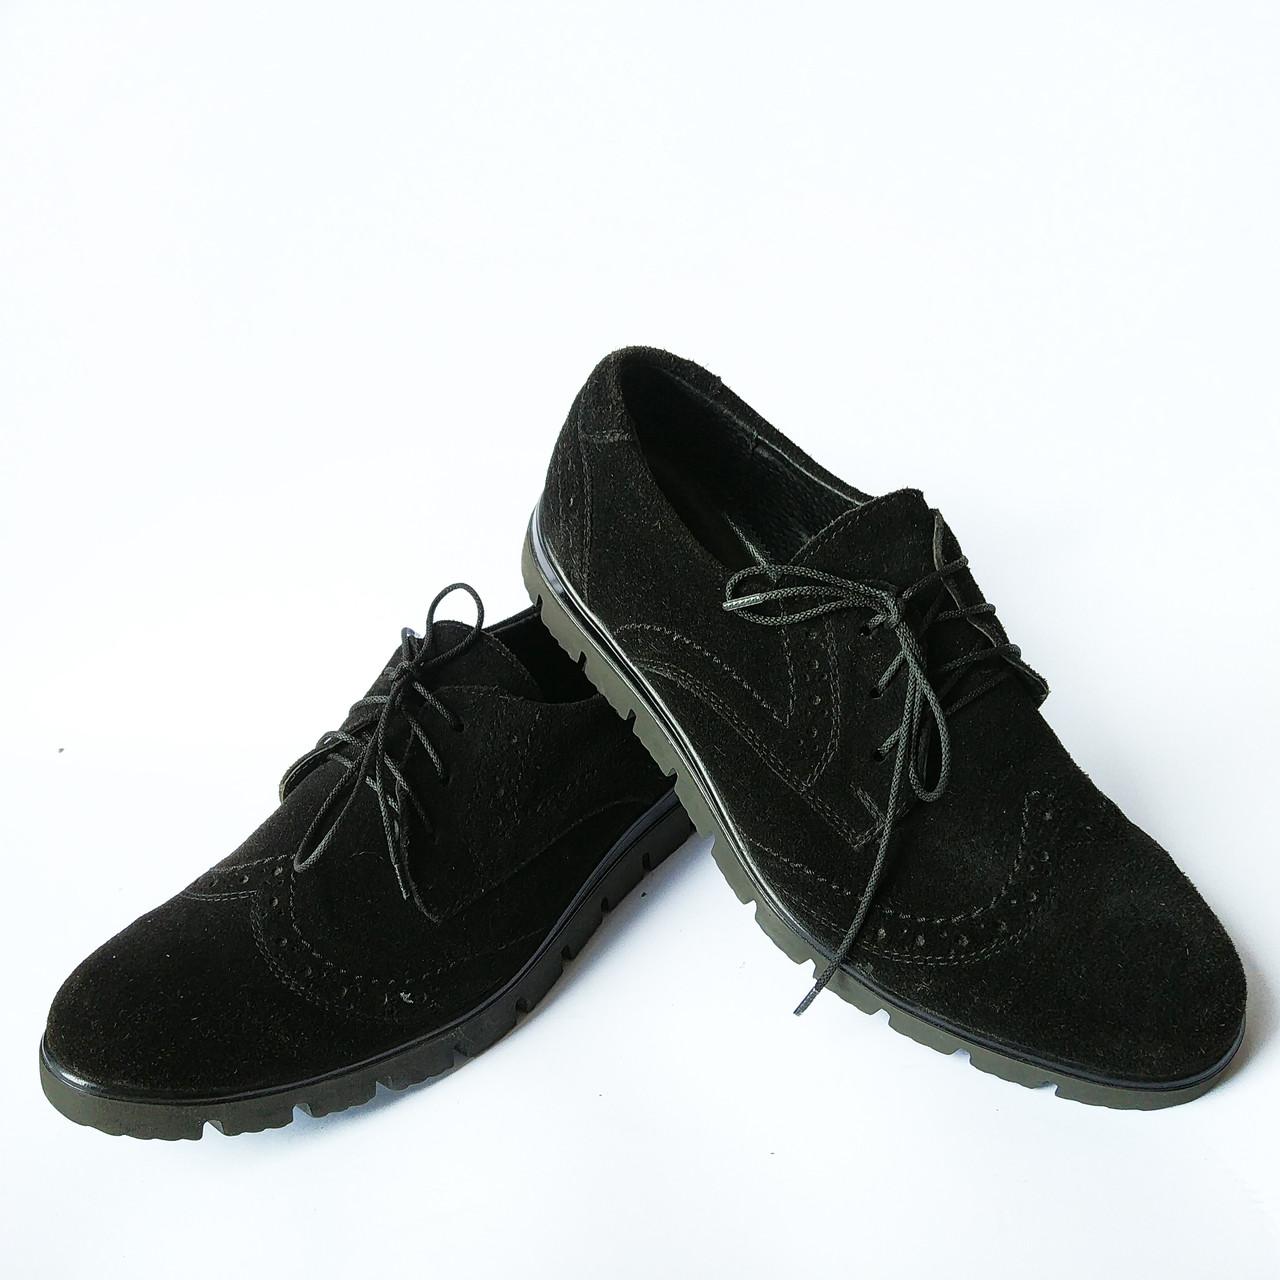 6241c00ae Обувь Харьков мужская : замшевые мокасины, черного цвета, фабрики DanShoes